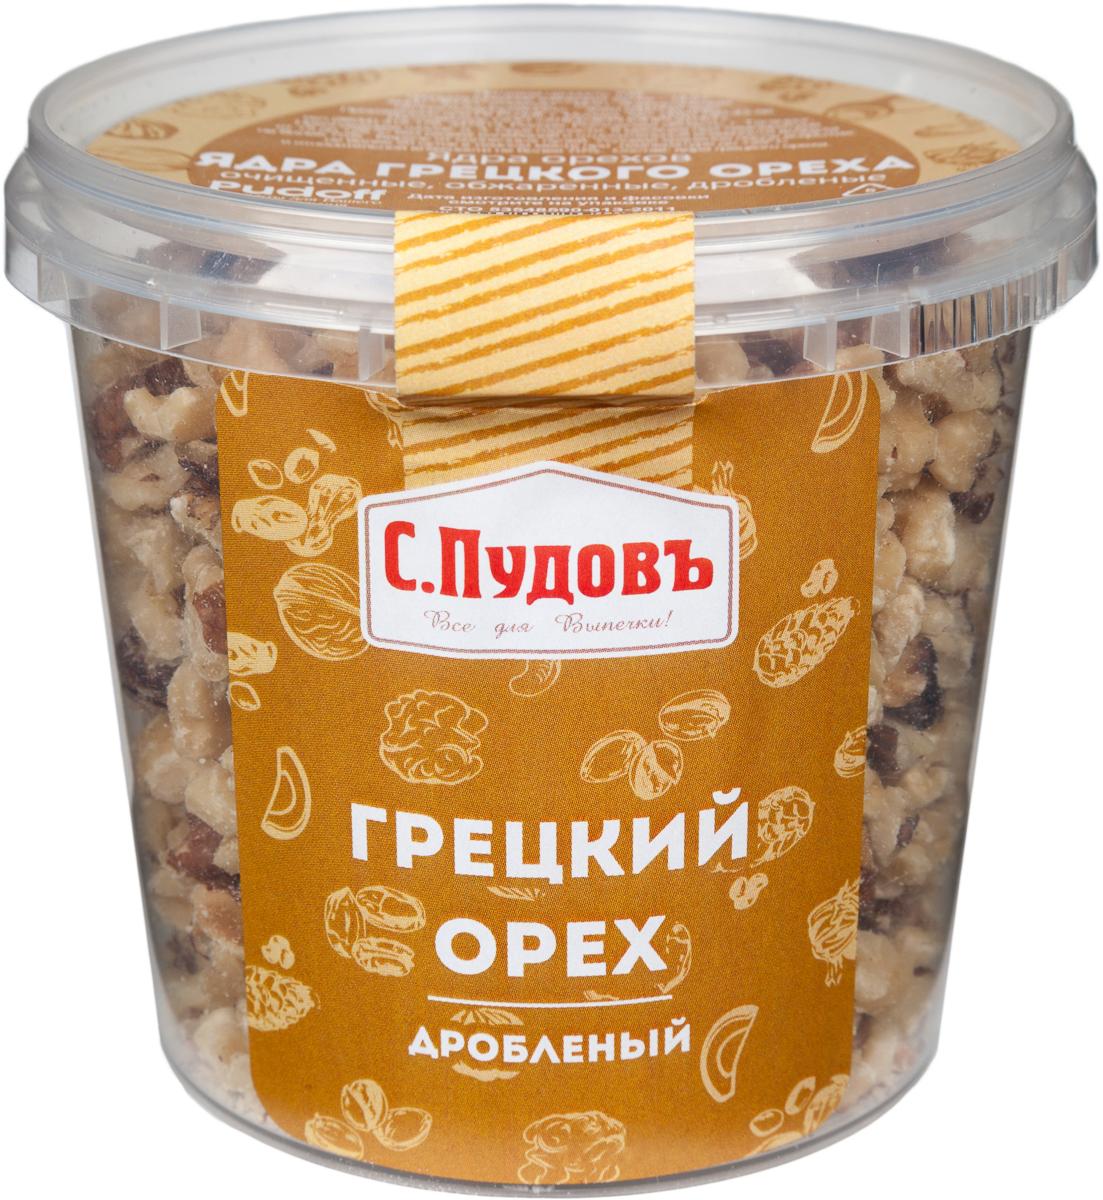 Пудовъ грецкий орех дробленый, 180 г пудовъ льняной хлеб 500 г